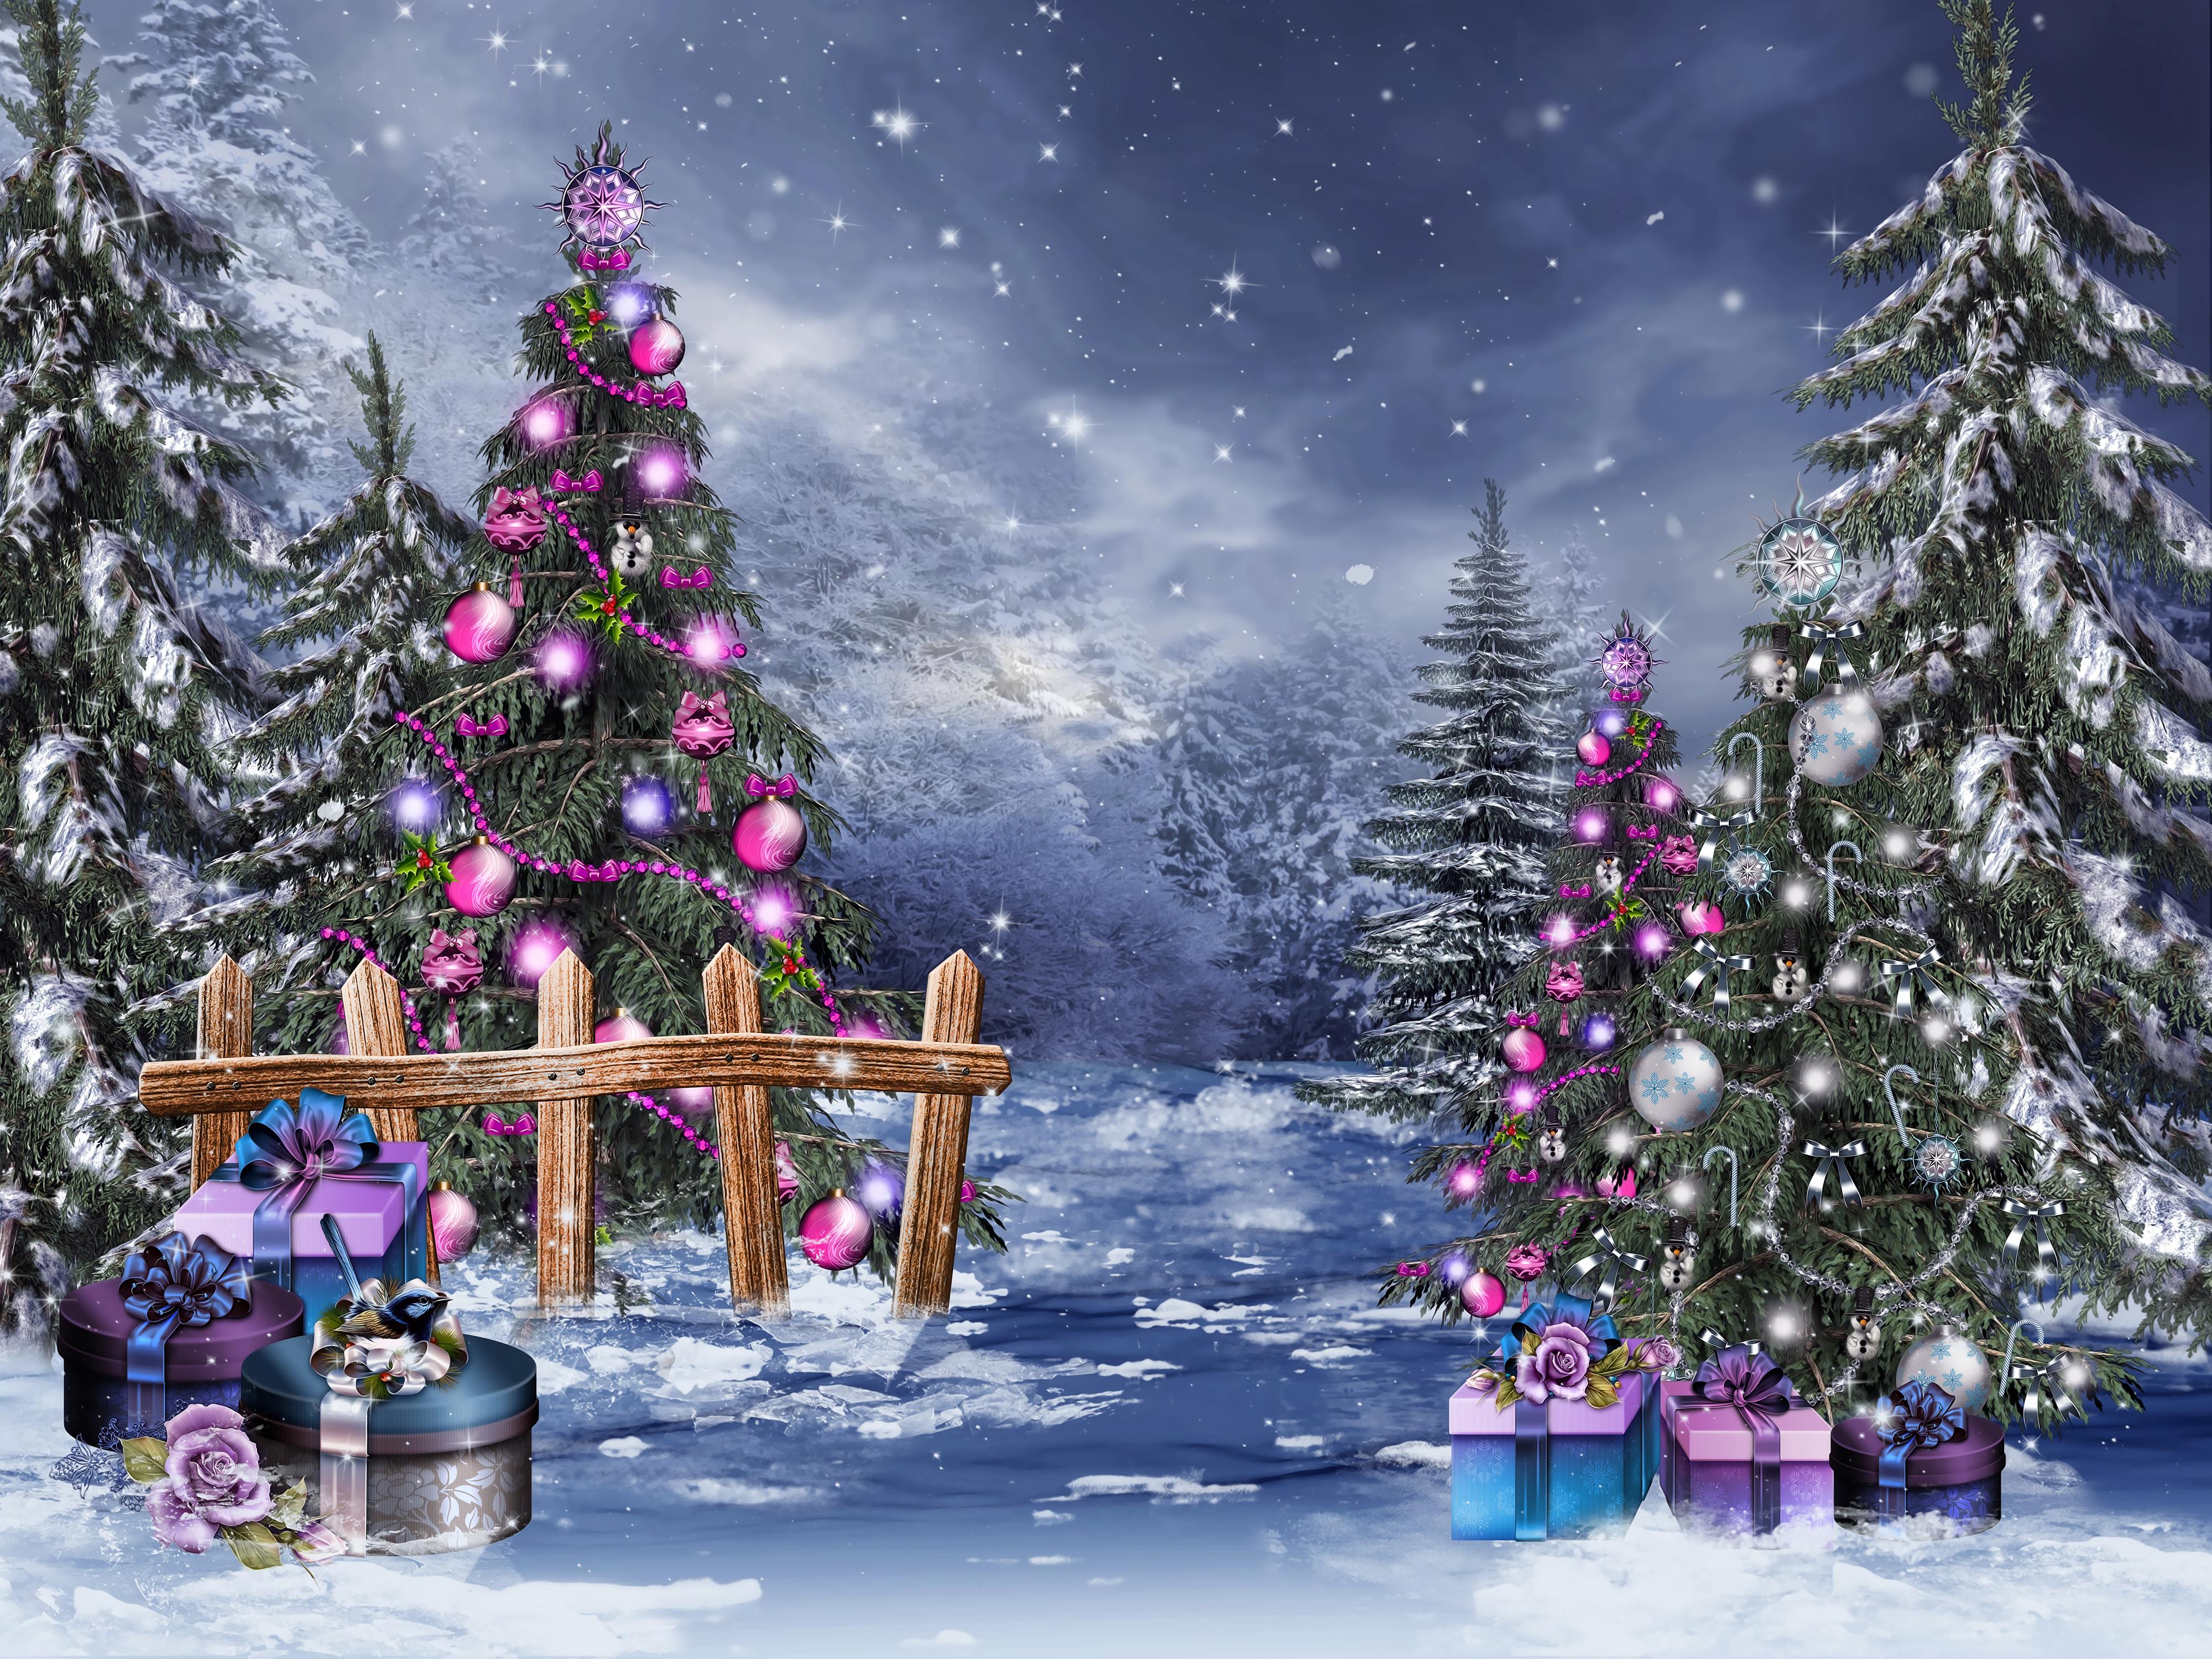 Sfondi Natalizi 4k.Natale 4k Ultra Hd Wallpaper Sfondi 4000x3000 Id 668290